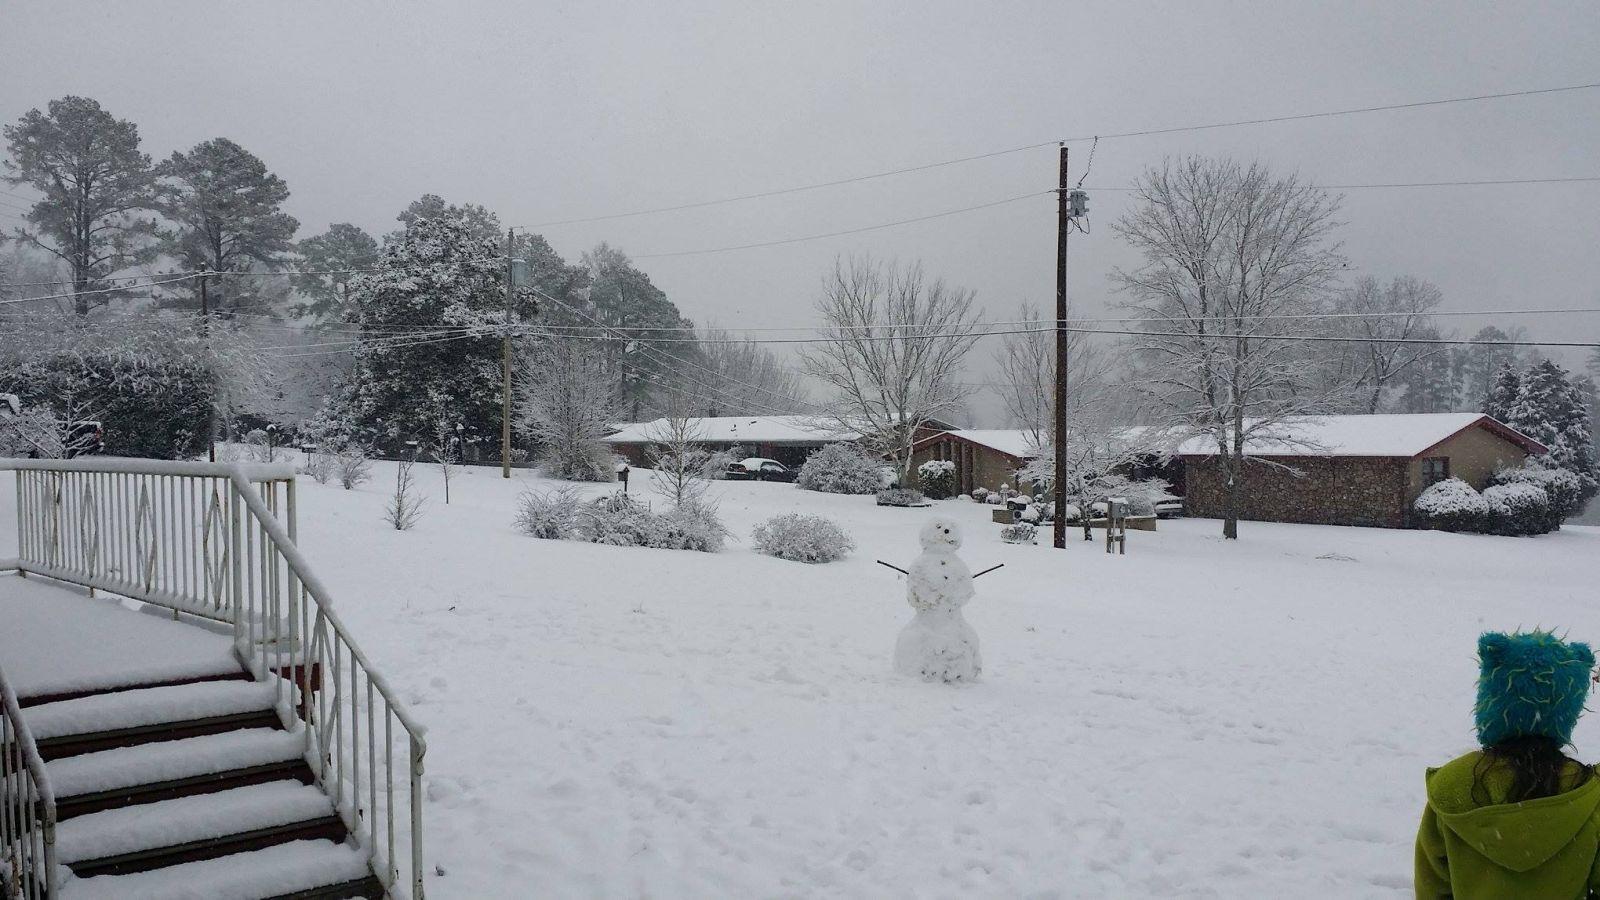 Heavy Snowfall February 25 2015